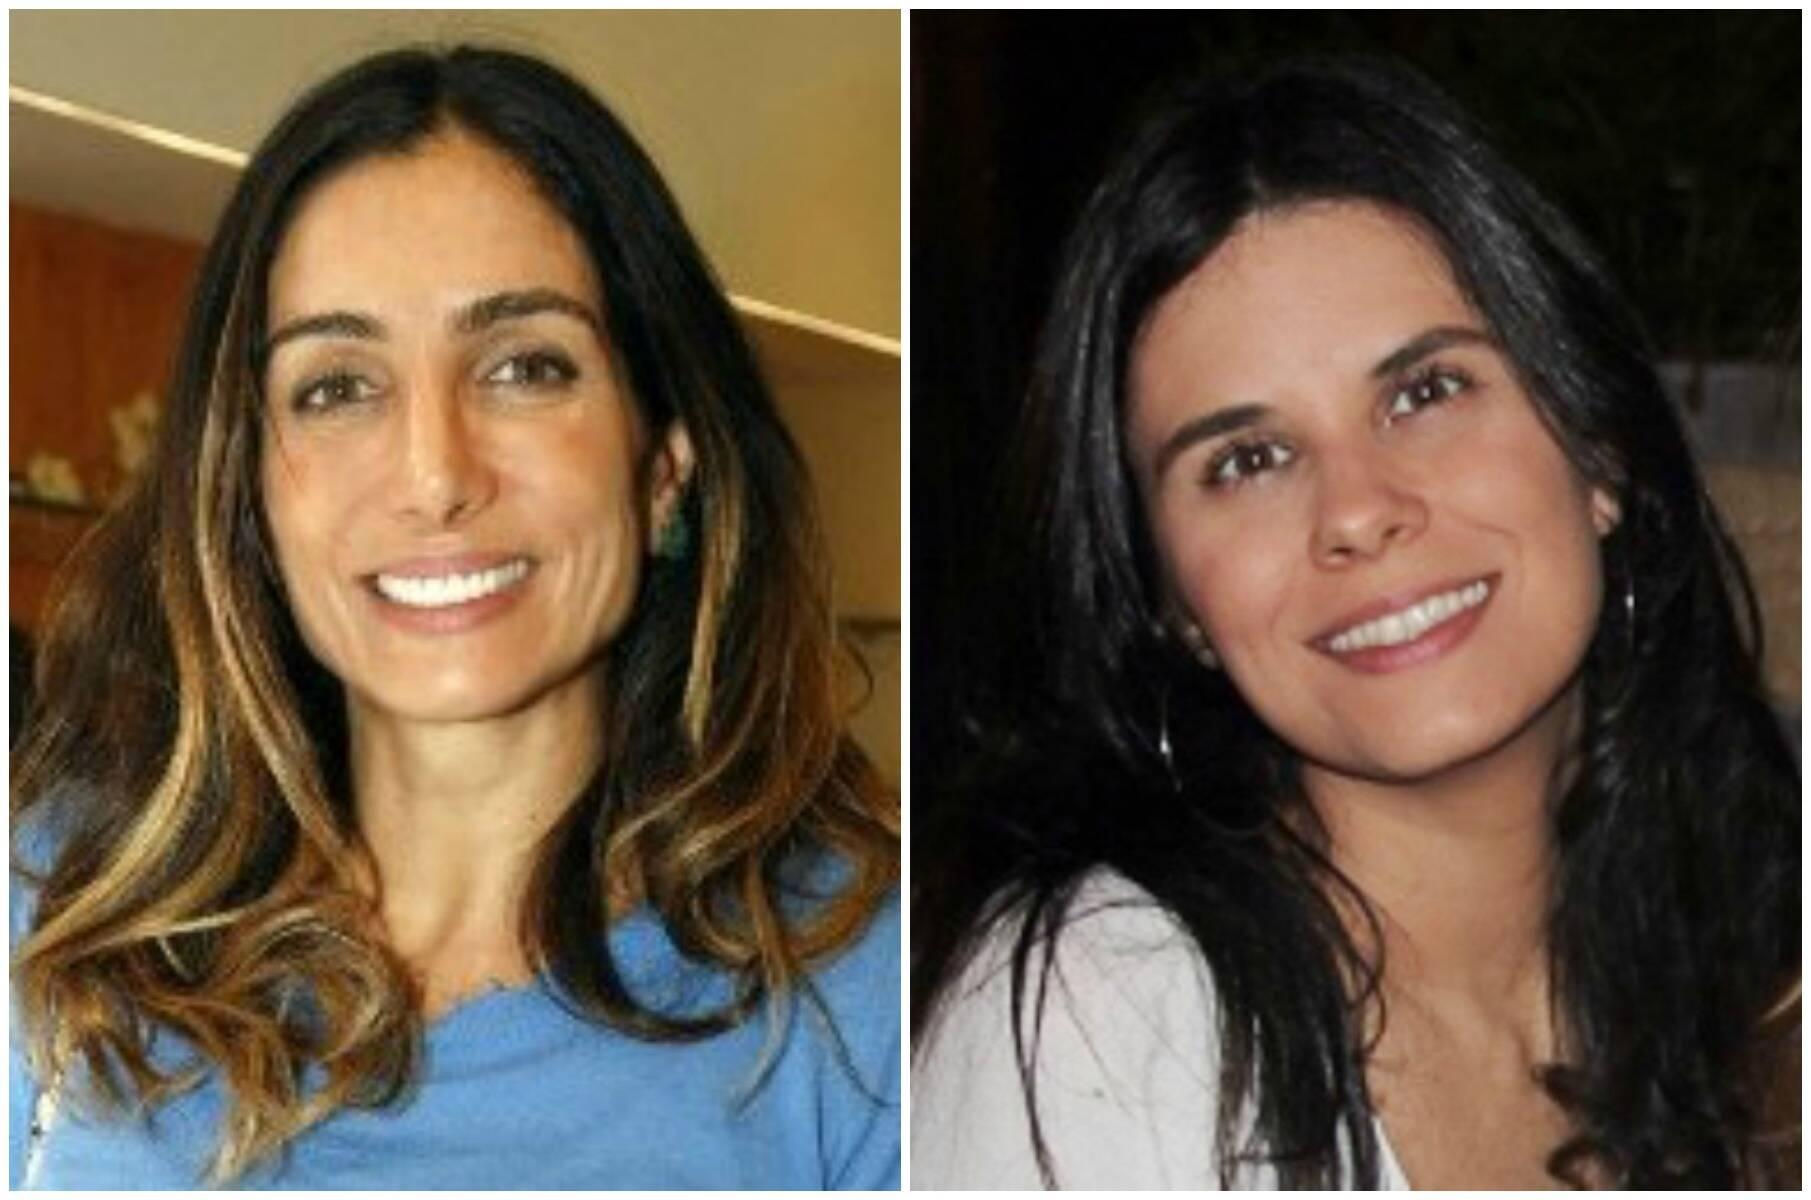 Andréa Santa Rosa e Juliana Carneiro / Foto: reprodução e Vera Donato (acervo do site Lu Lacerda)